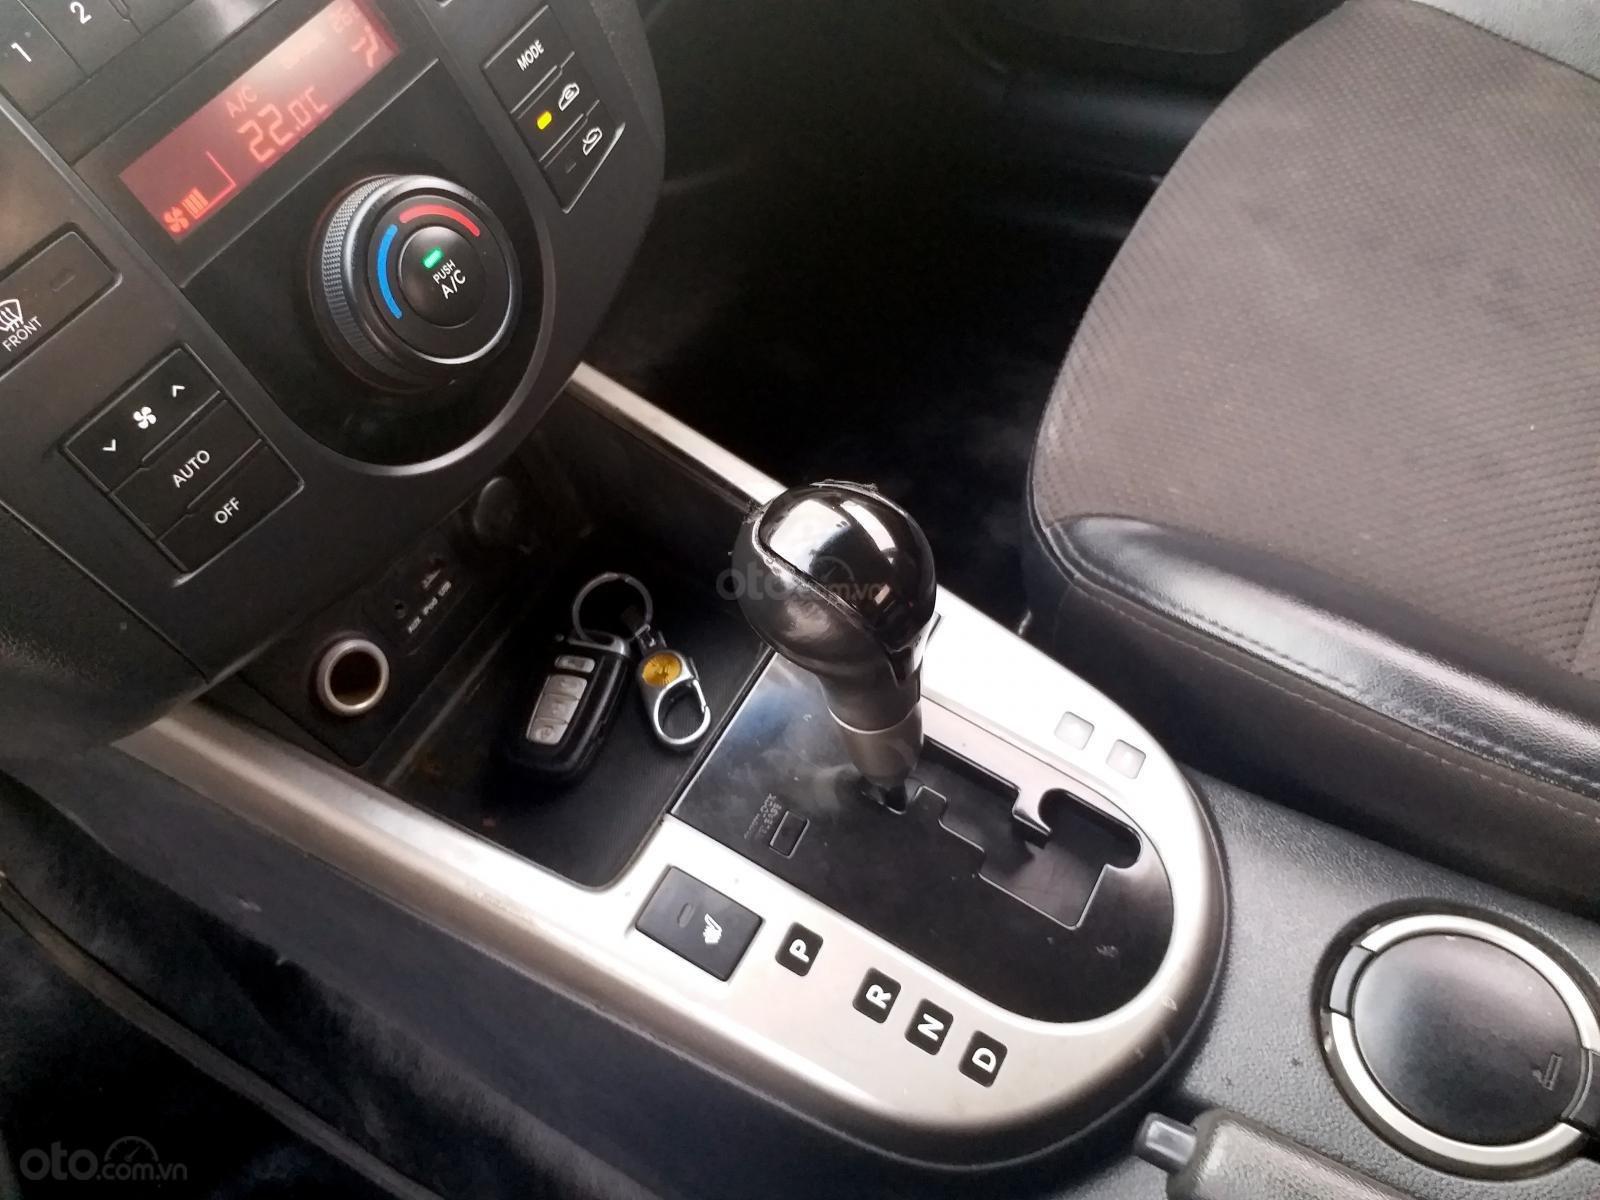 Cần bán Kia Forte sản xuất 2009, màu đen mới 95% giá tốt 320 triệu đồng (11)